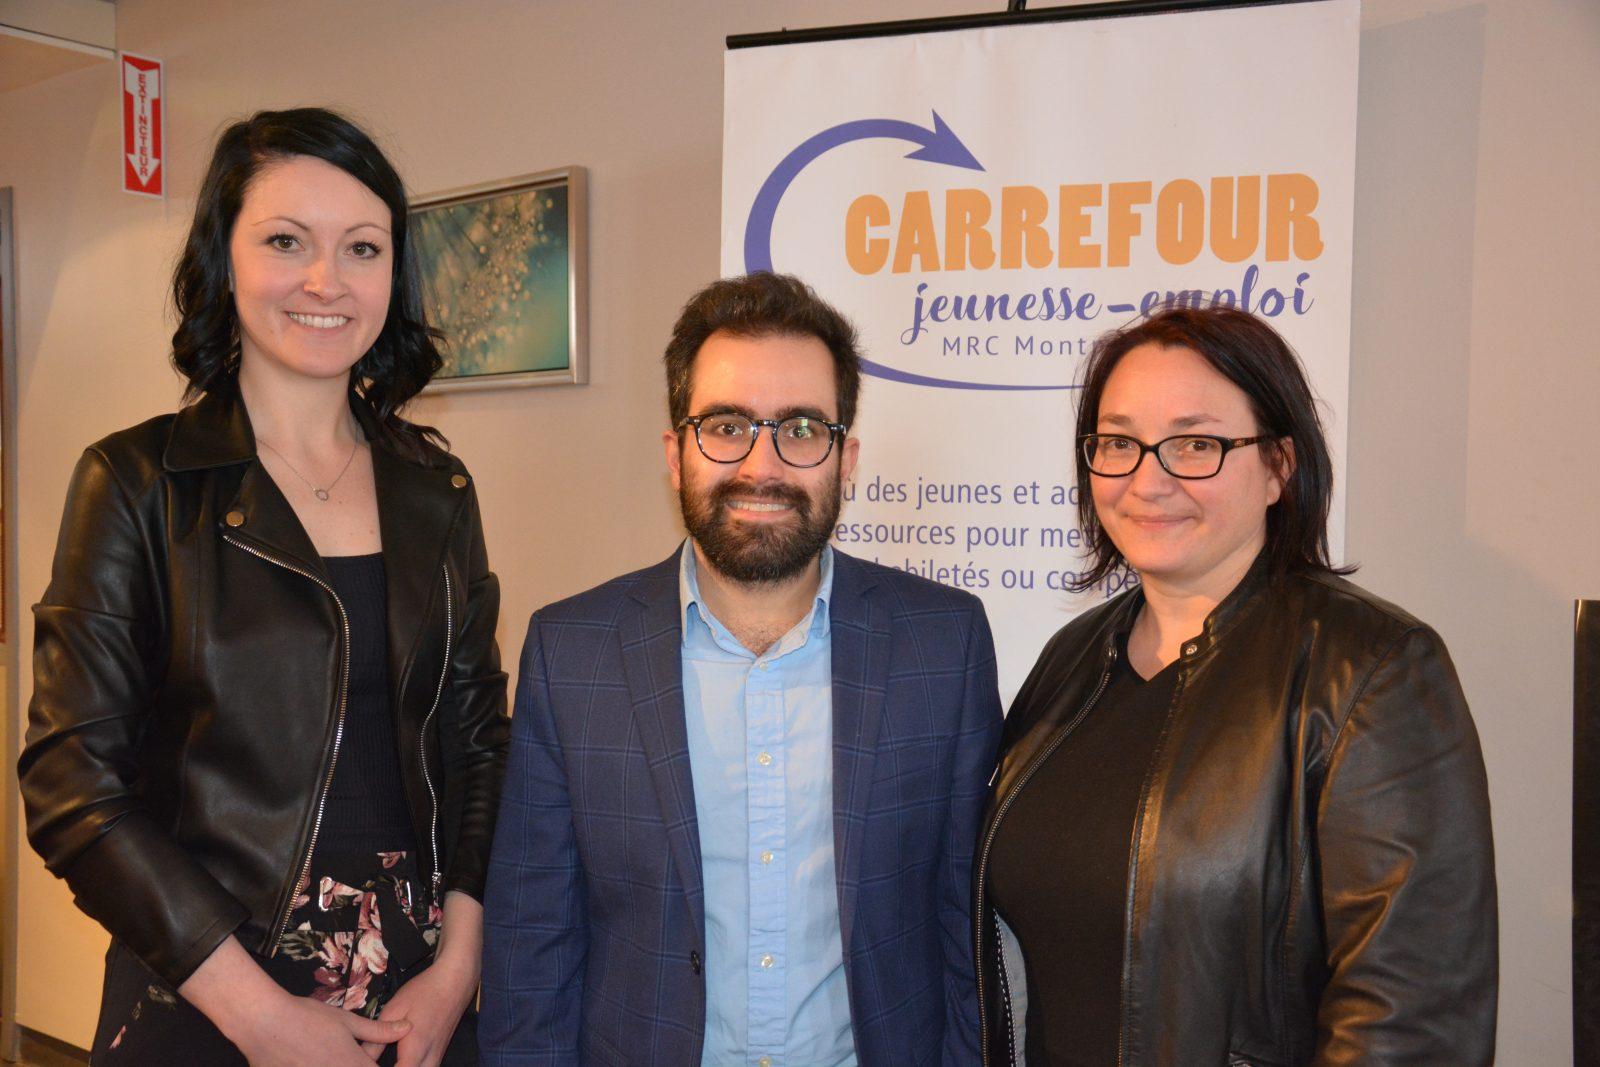 Le Carrefour jeunesse-emploi lance sa campagne de financement